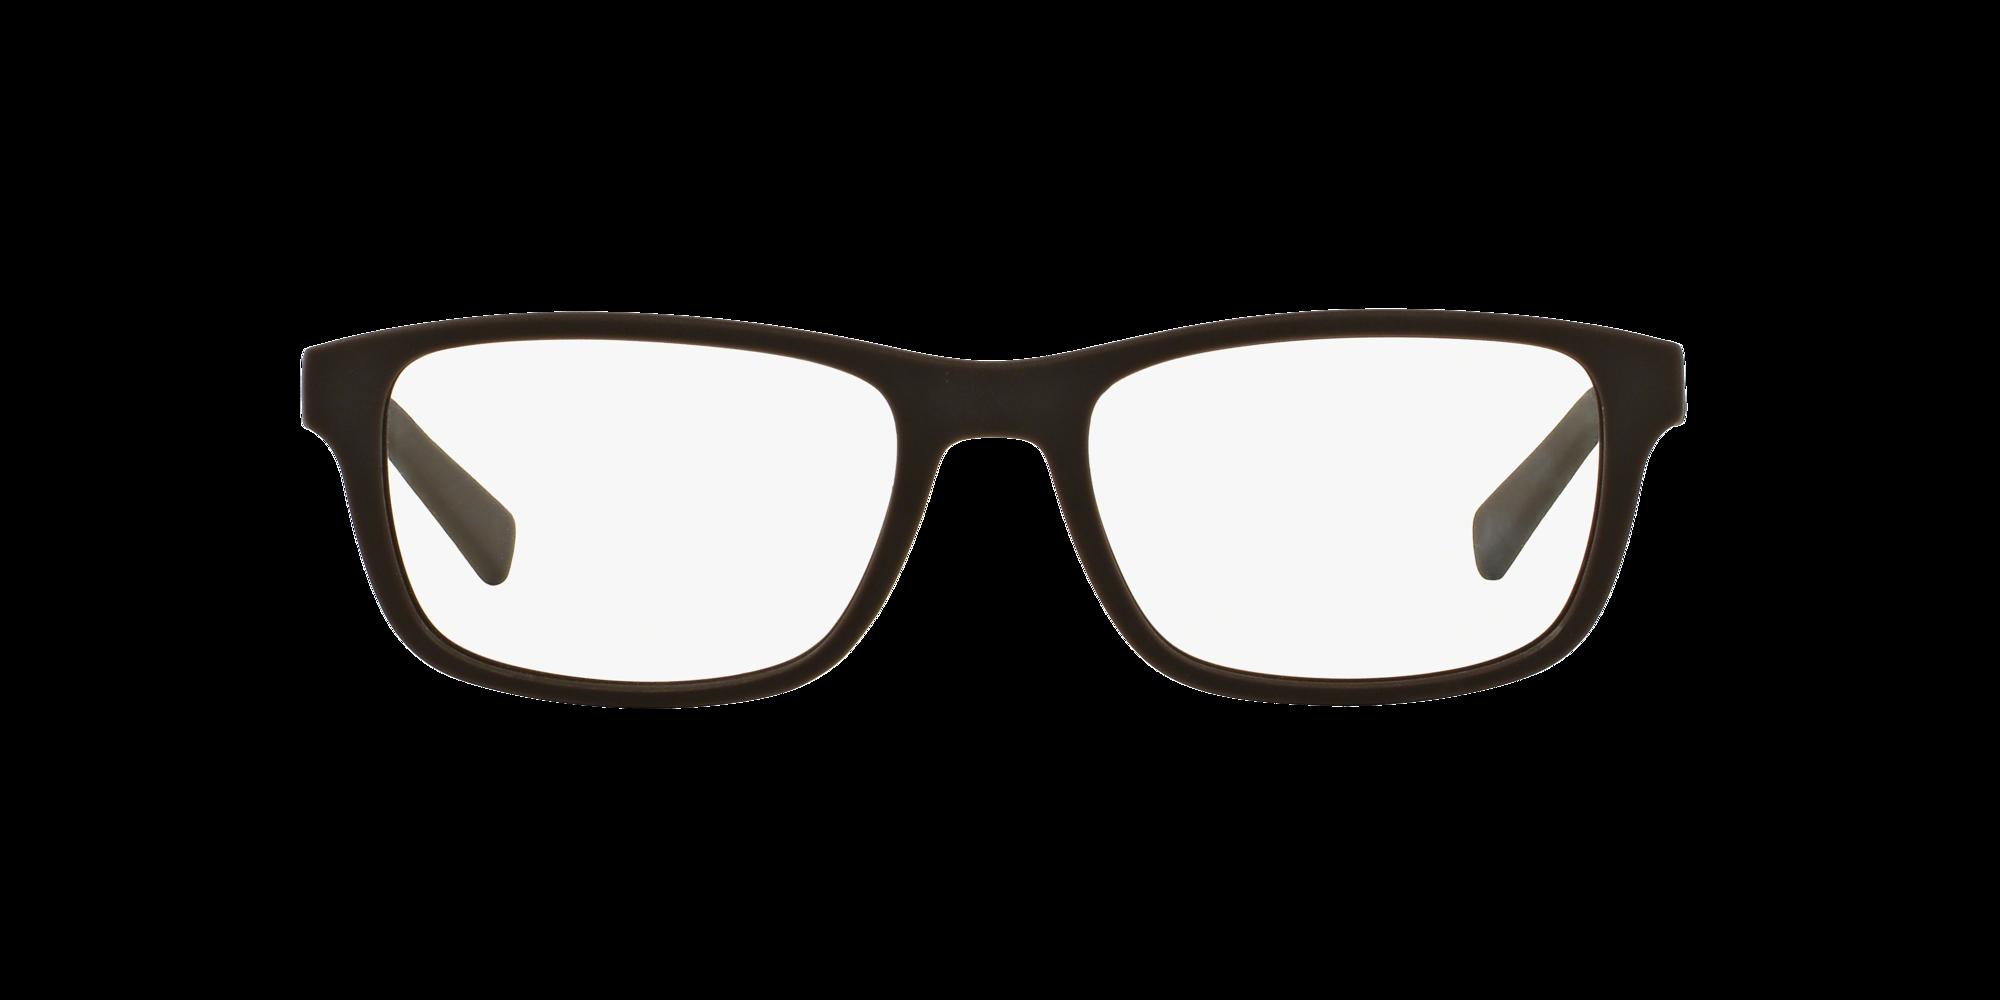 Imagen para AX3021 de LensCrafters    Espejuelos, espejuelos graduados en línea, gafas